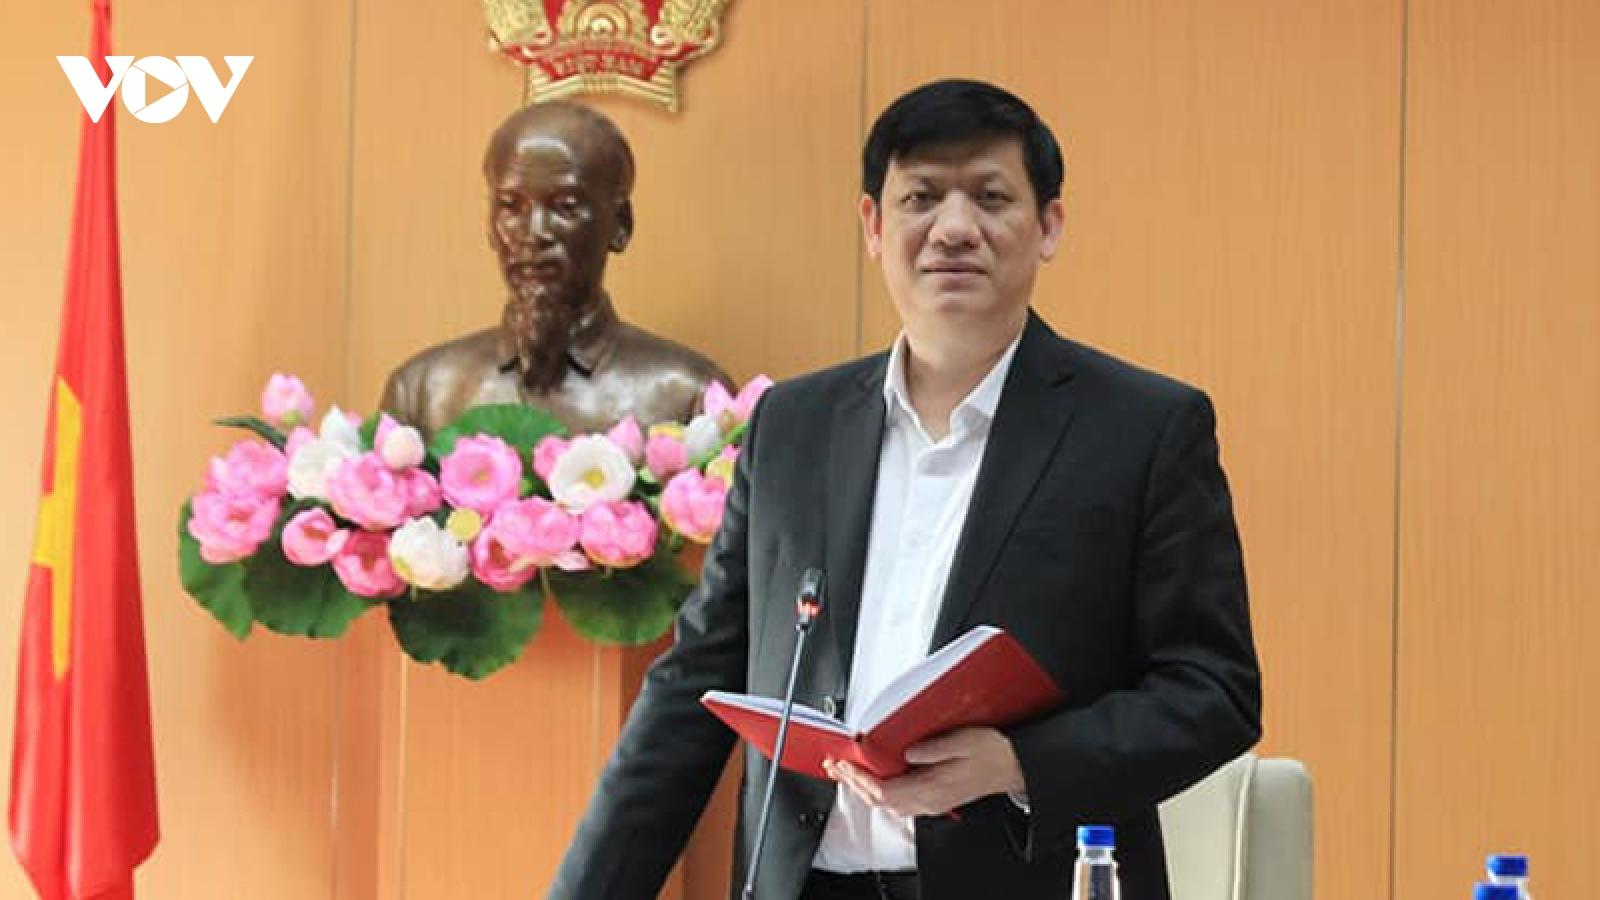 """Bộ trưởng Y tế: """"Nguy cơ lây nhiễm Covid-19 từ các nước vào Việt Nam vẫn hiện hữu"""""""